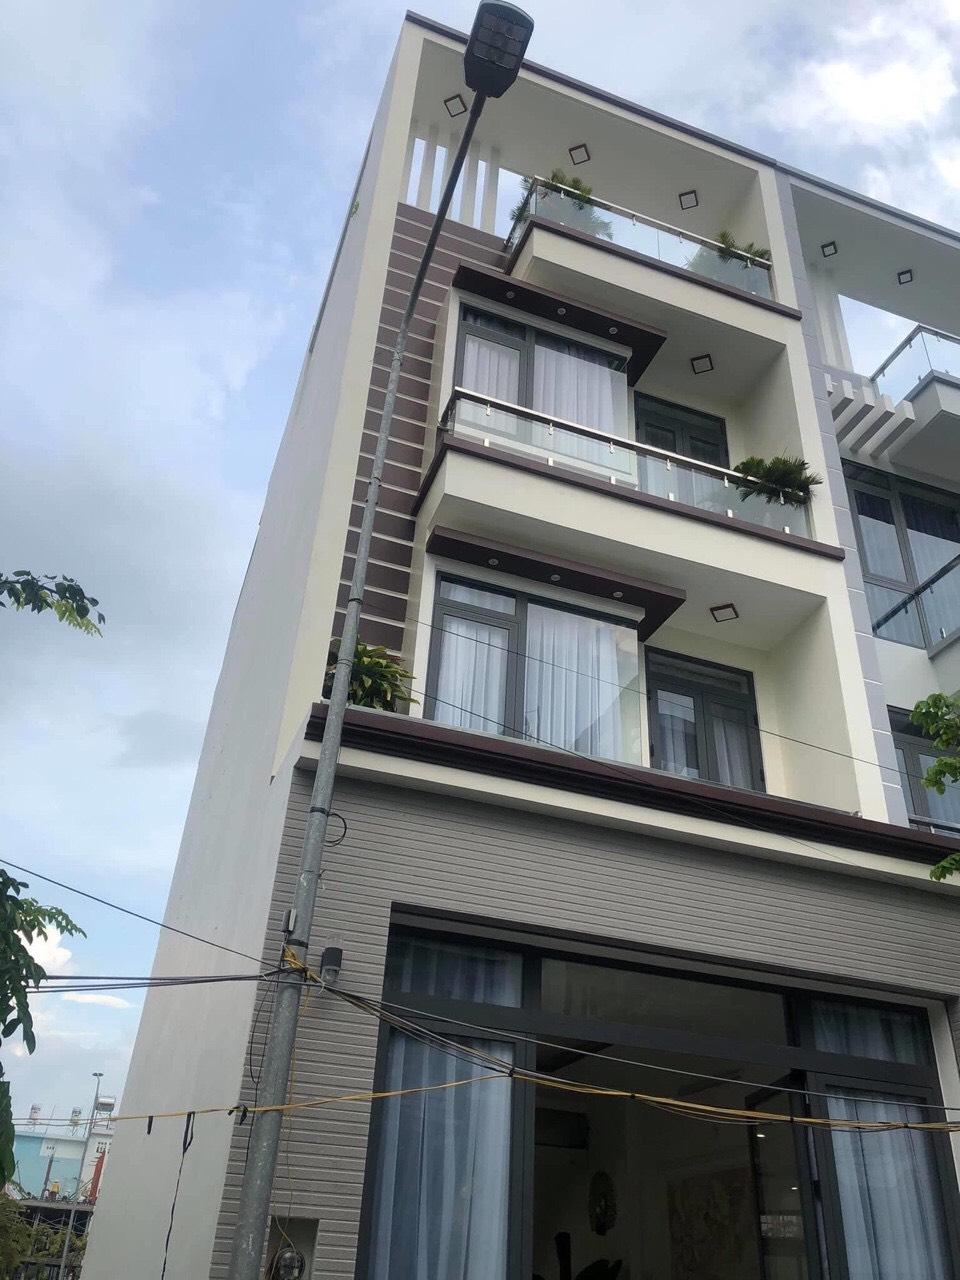 Bán nhà phố liền kề quận Nhà Bè, khu dân cư Anh Tuấn